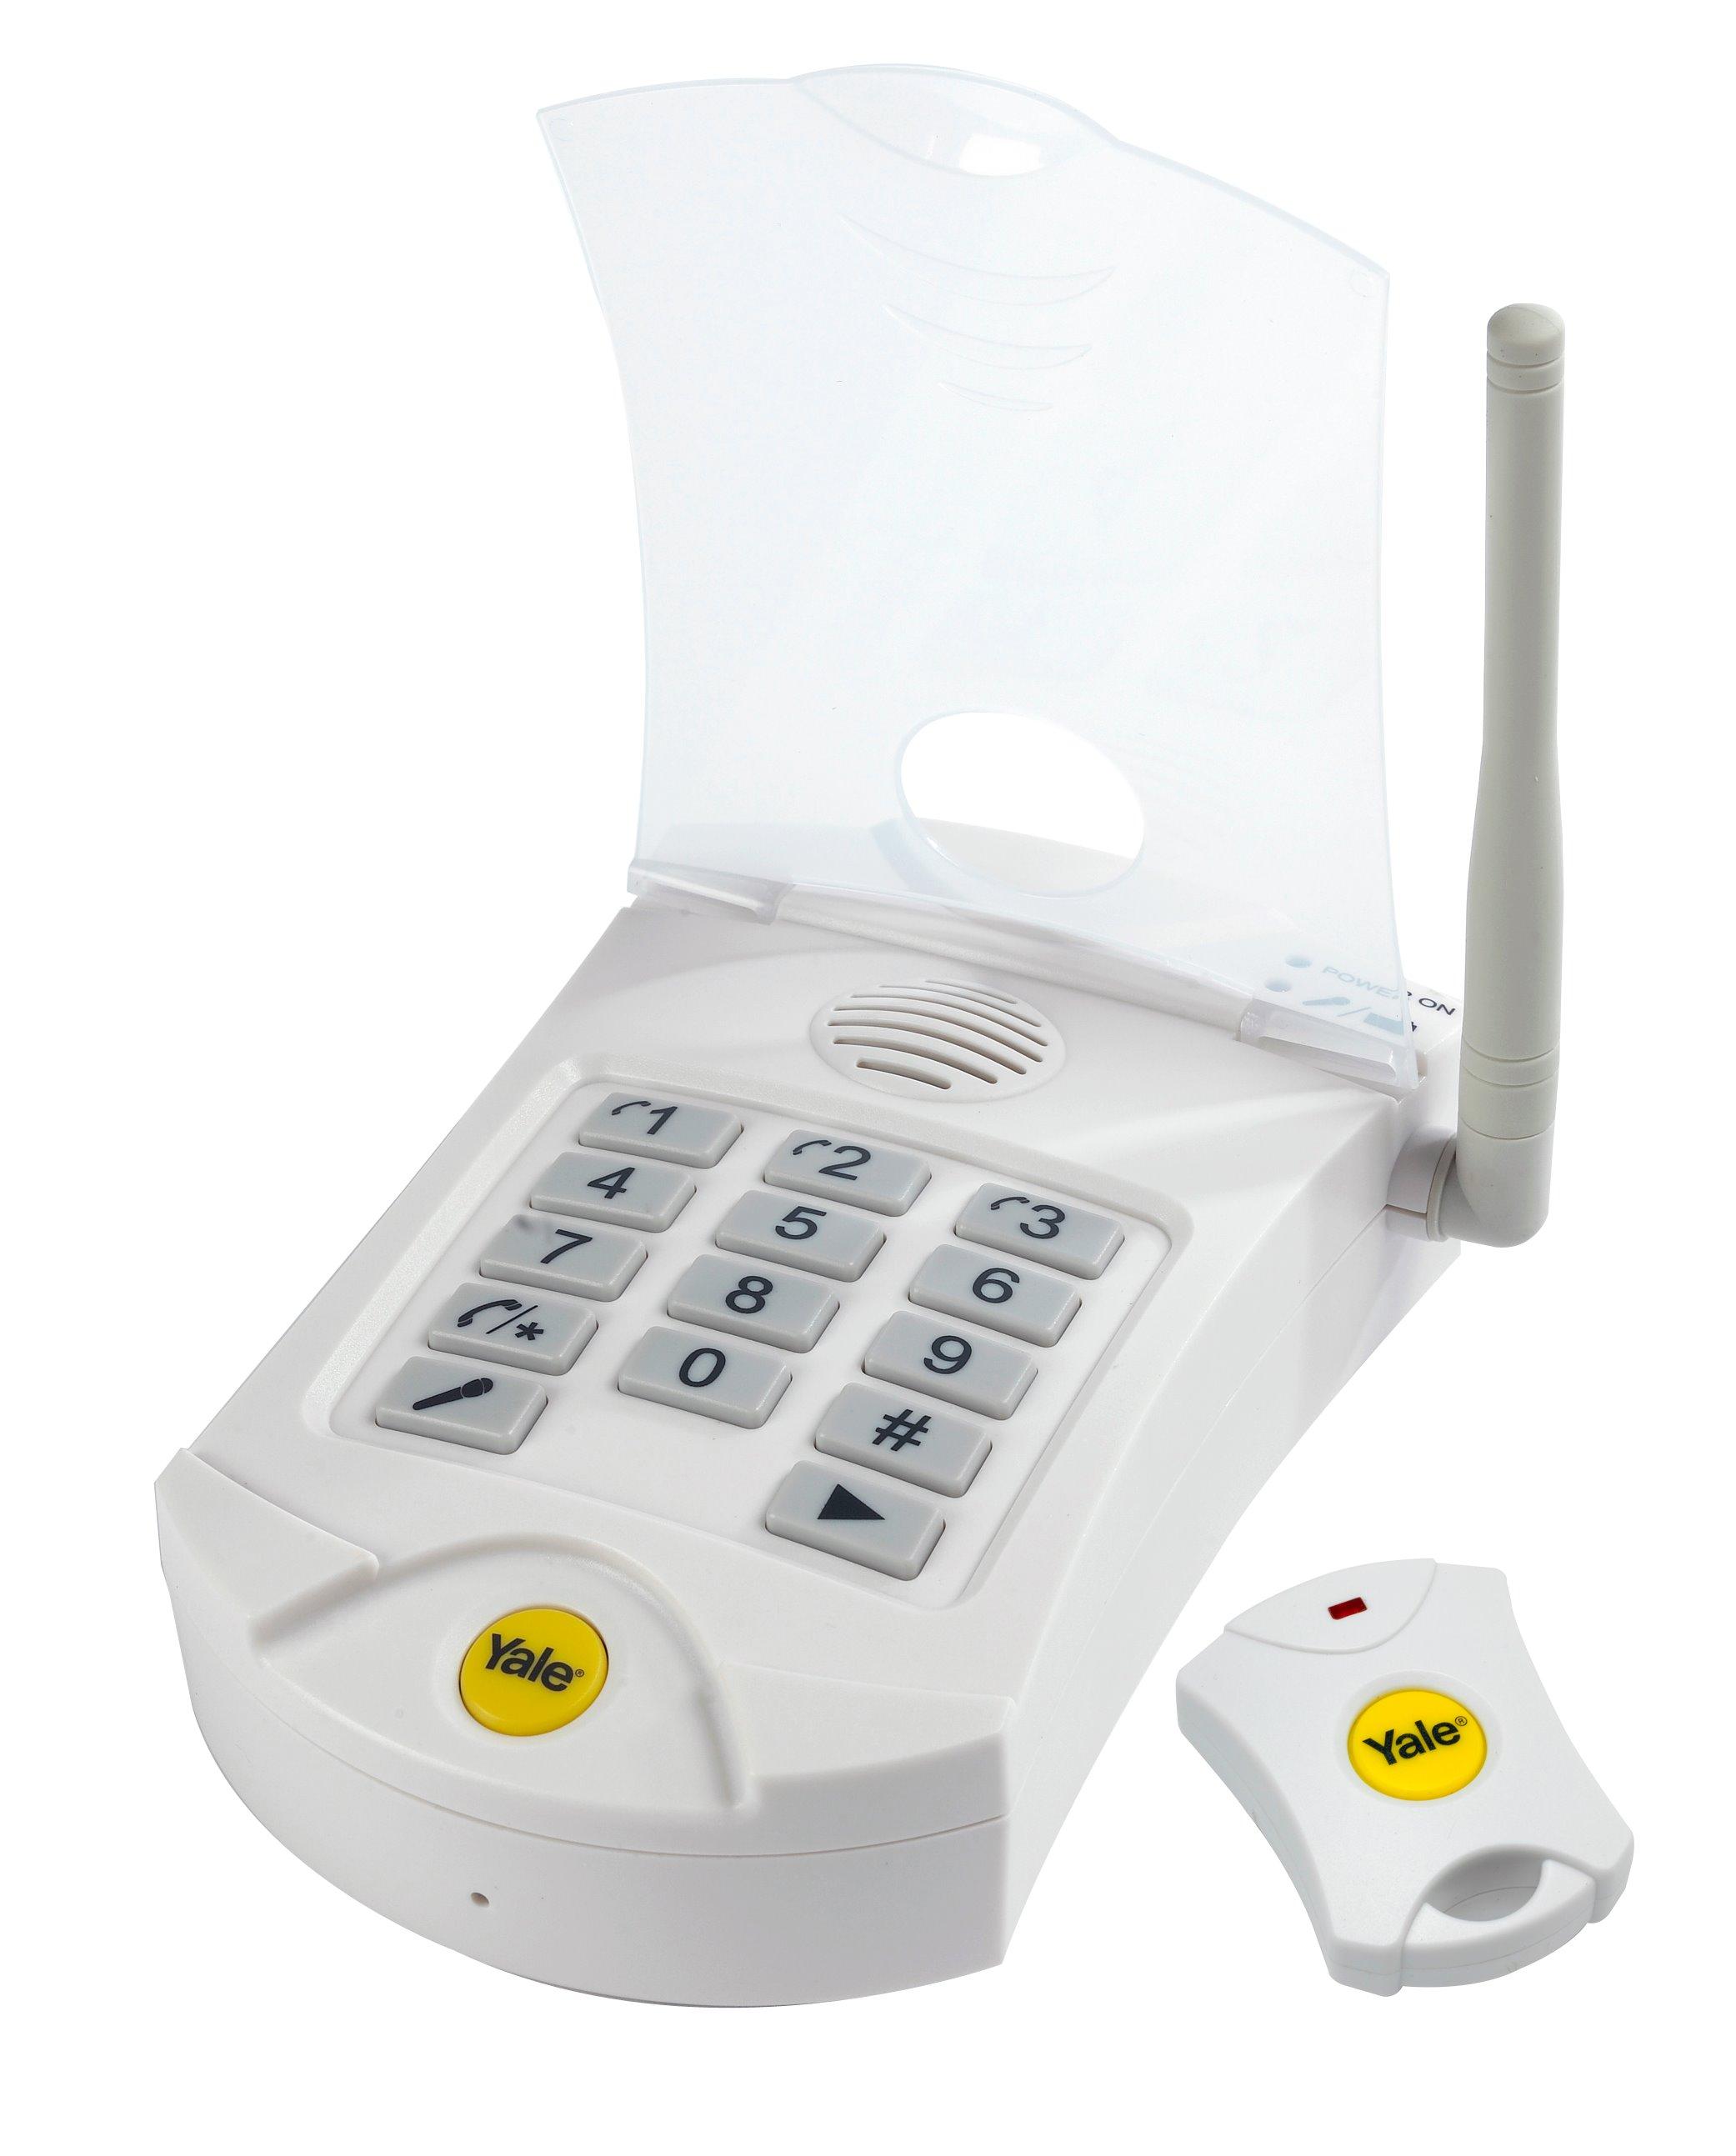 DAS1100 - Distress Alert System